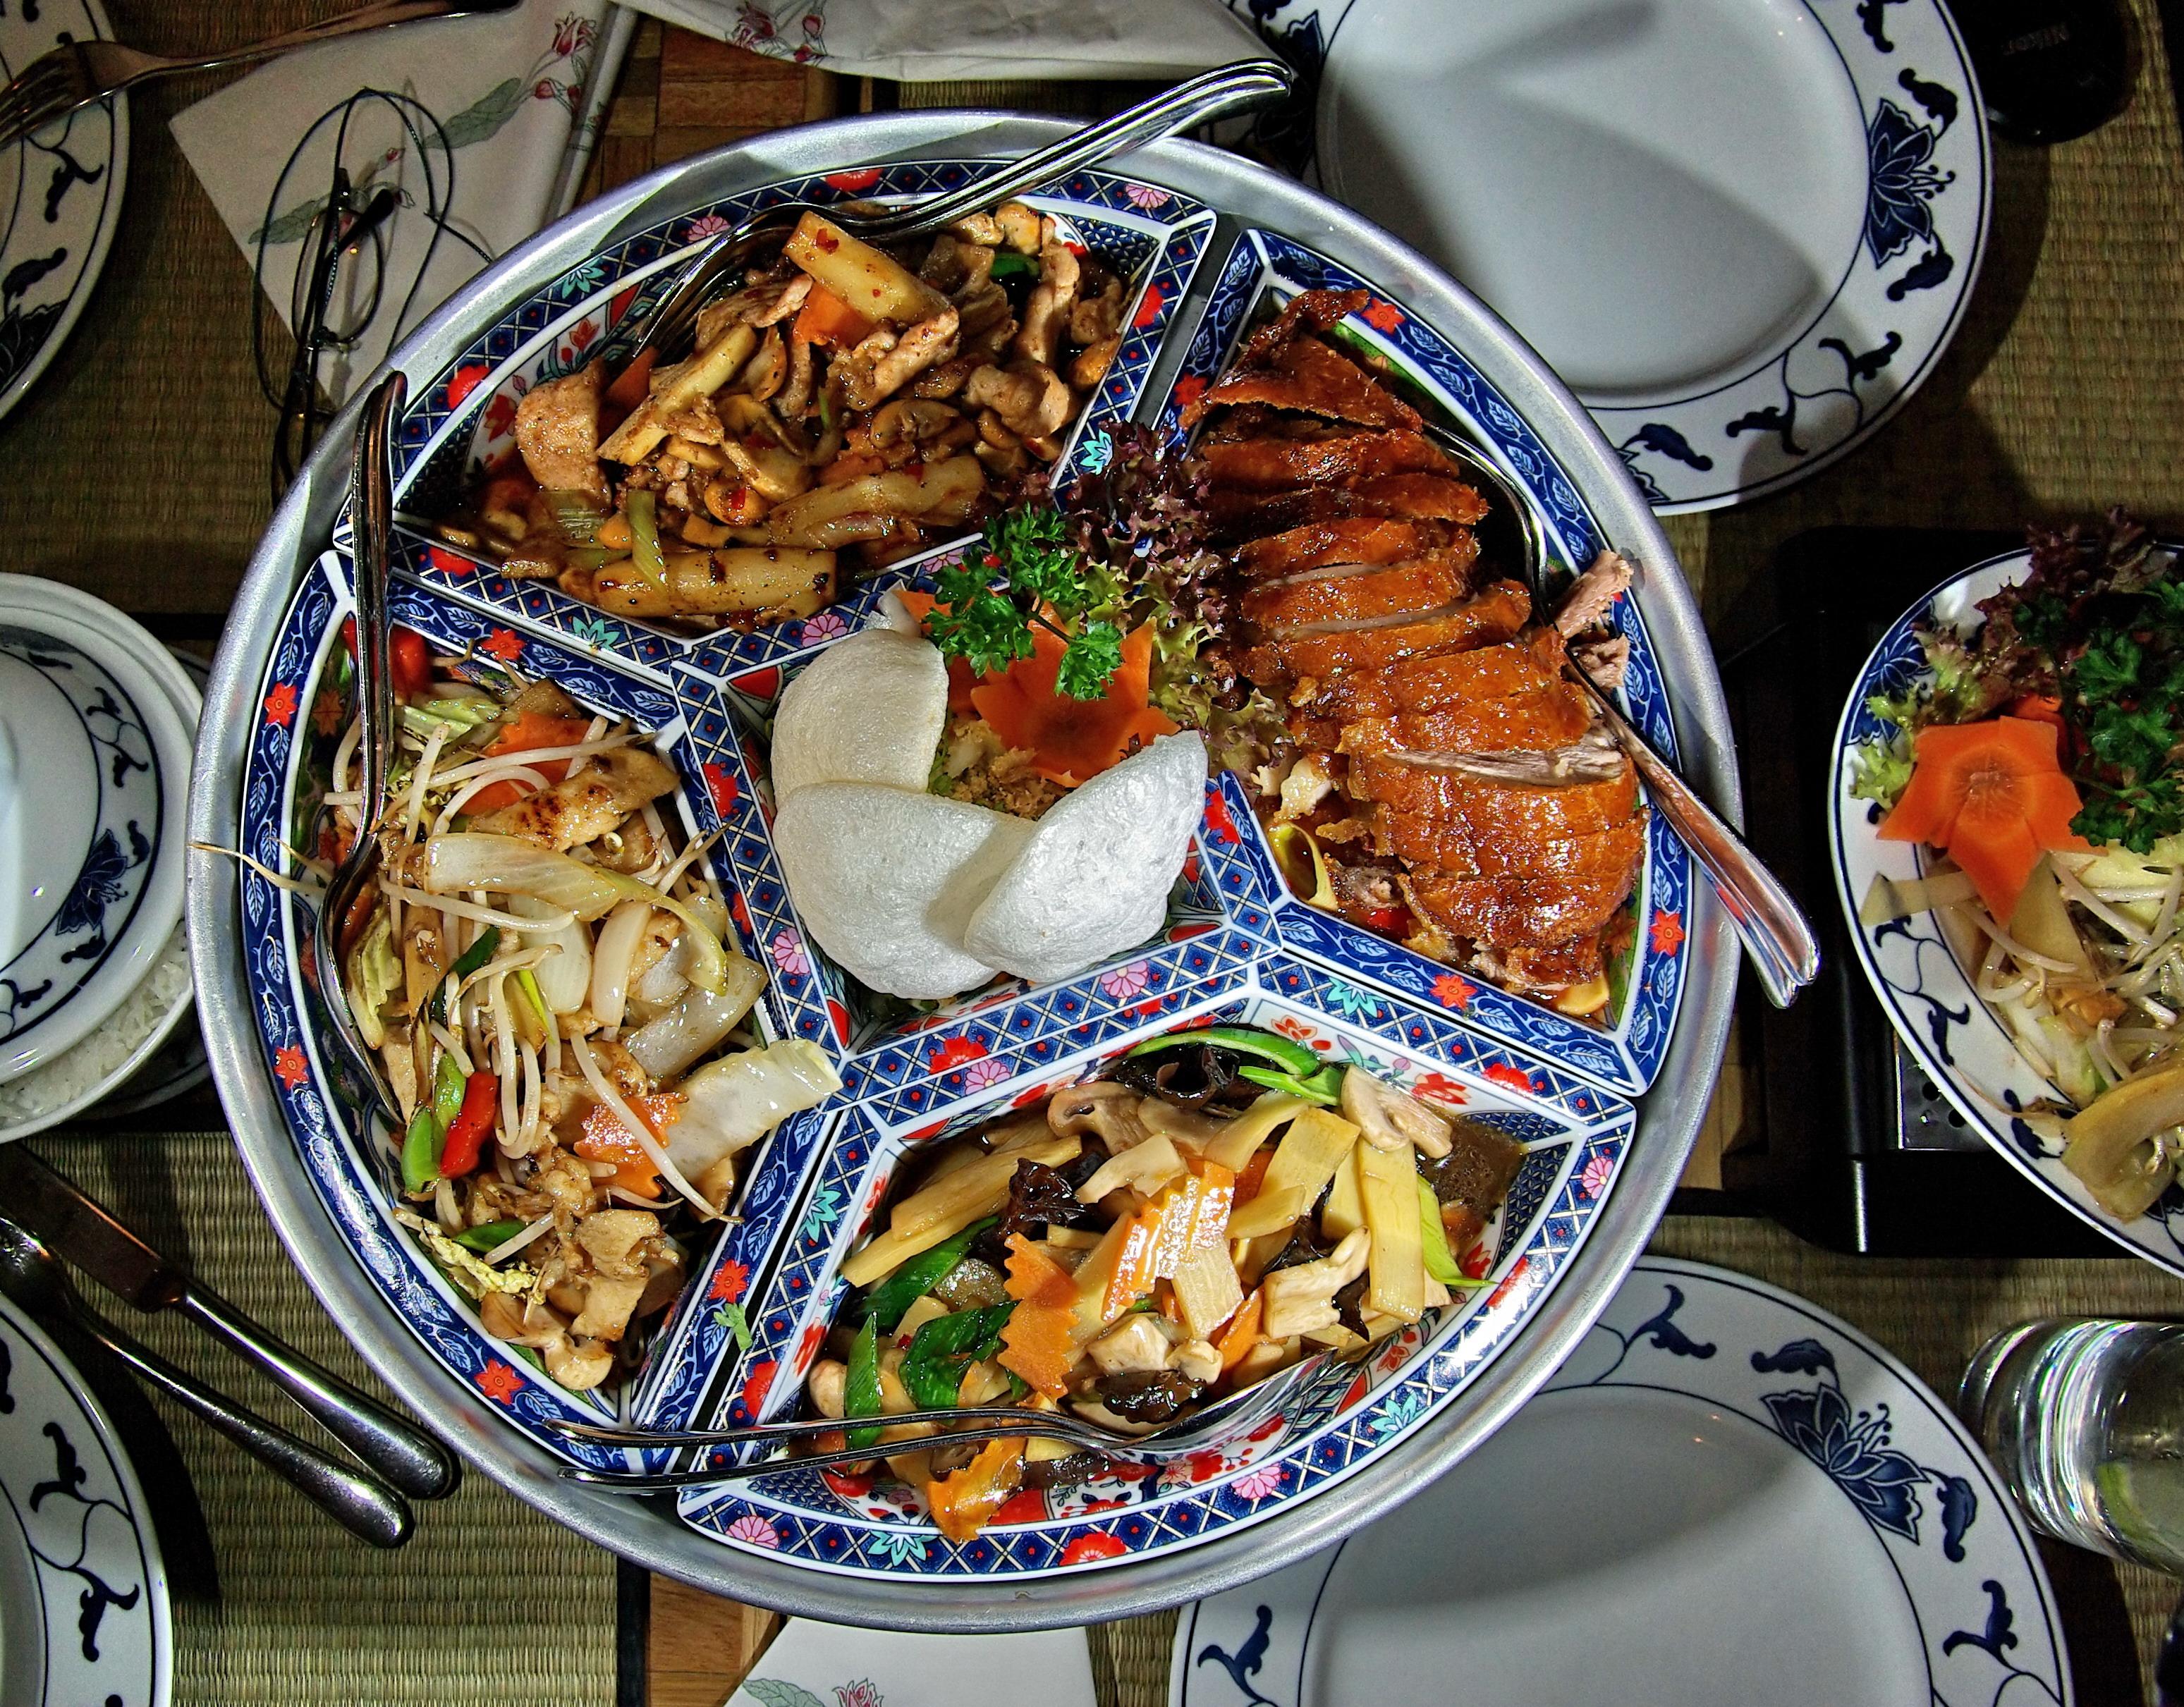 Asiatische Küche file asiatische küche in deutschland imgp9235 001 jpg wikimedia